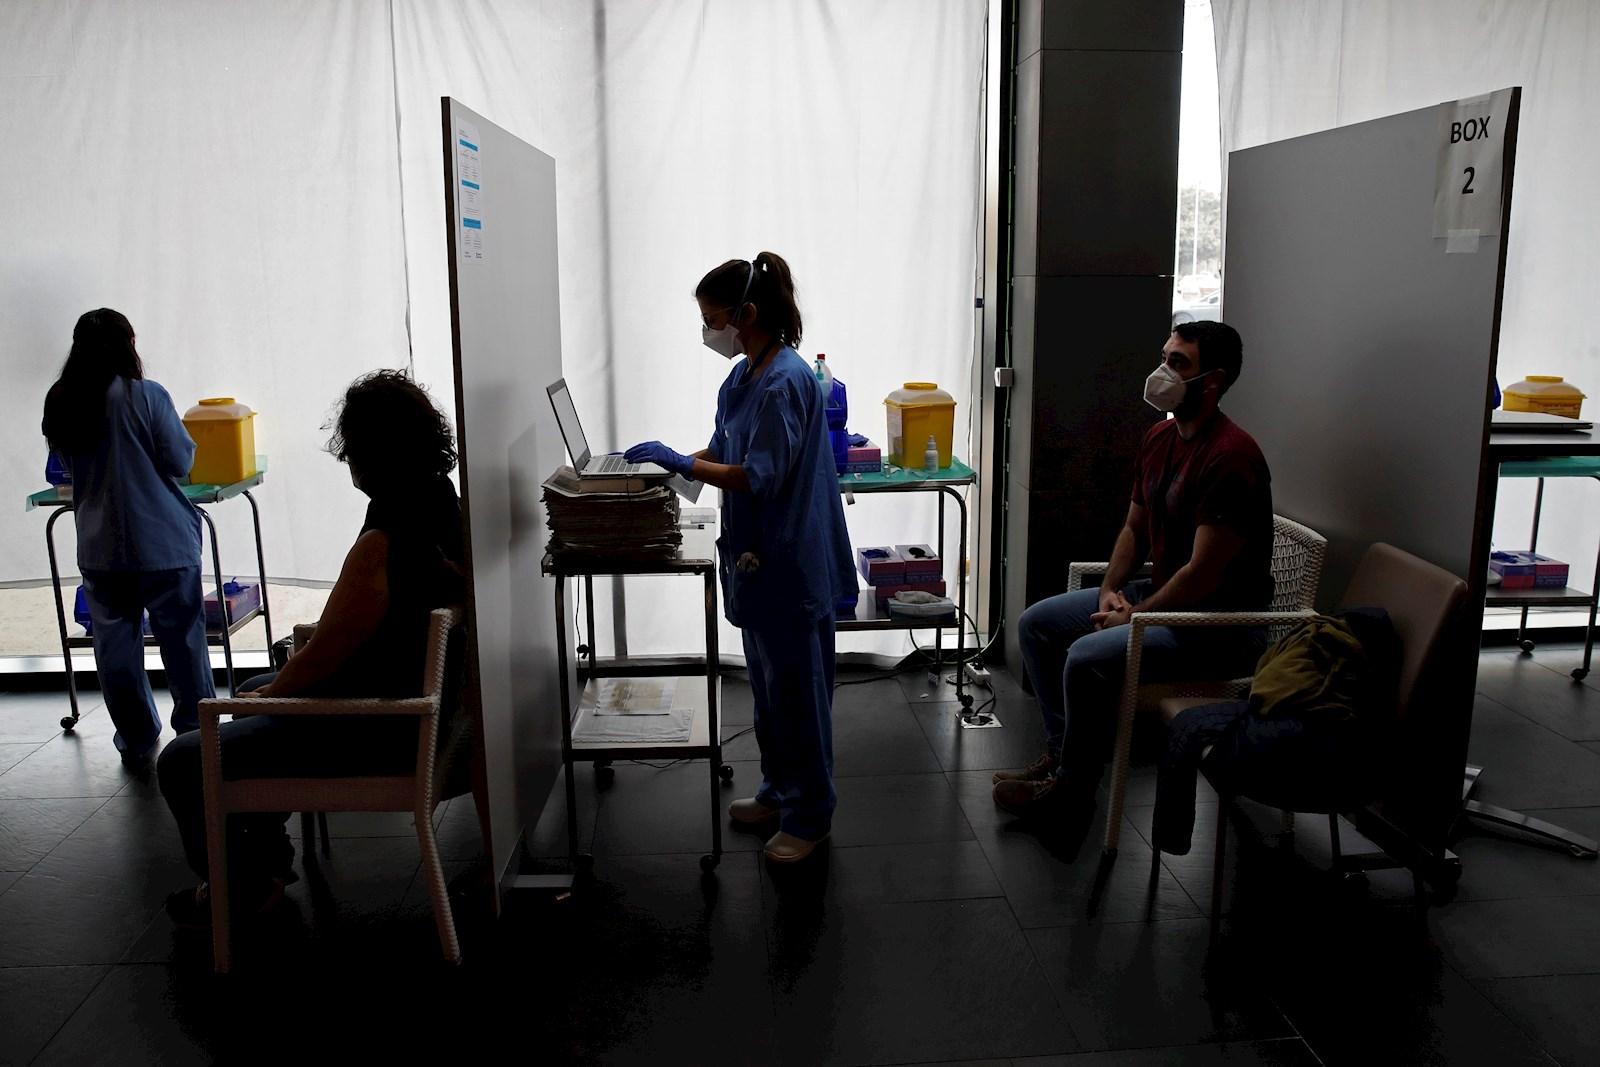 Profesionales sanitarias administran la vacuna contra la Covid-19 en Cataluña, en el primer trimestre de 2021 | EFE/TA/Archivo